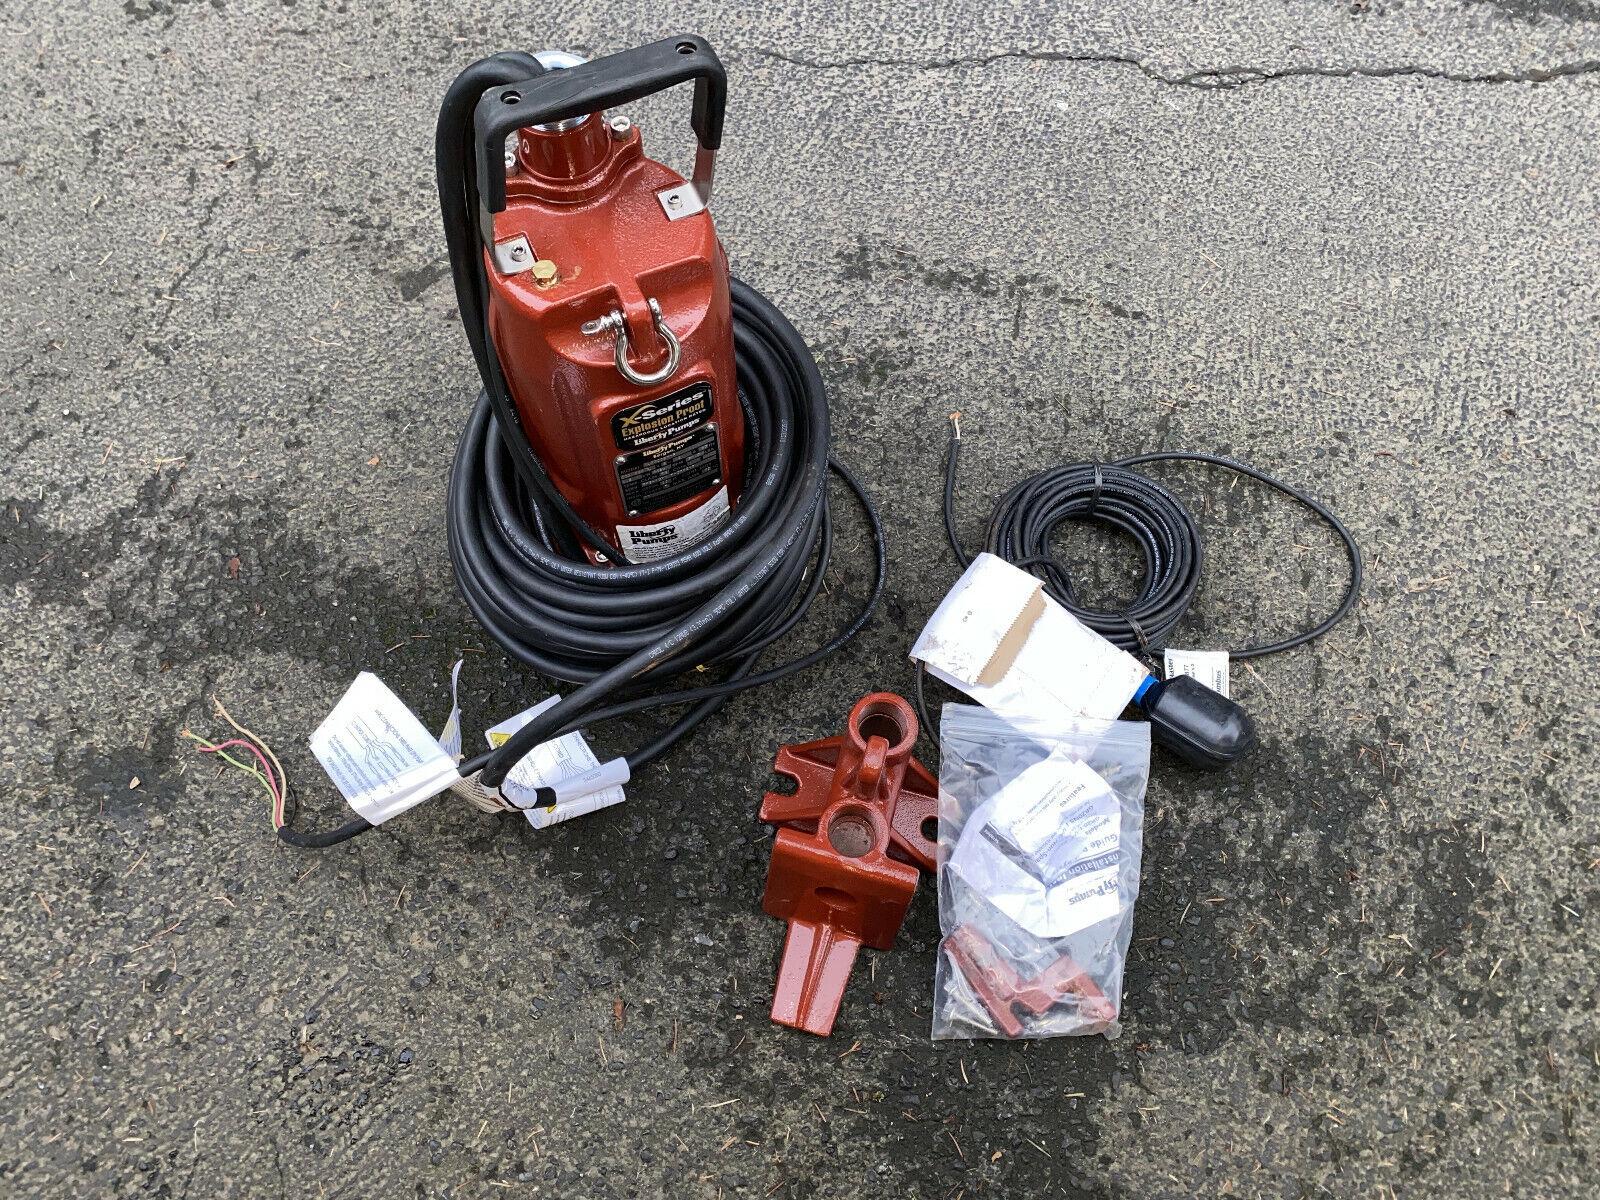 LIBERTY XLSG203M GRINDER PUMP 50' Cord, 2HP, 200/230V, Hazar